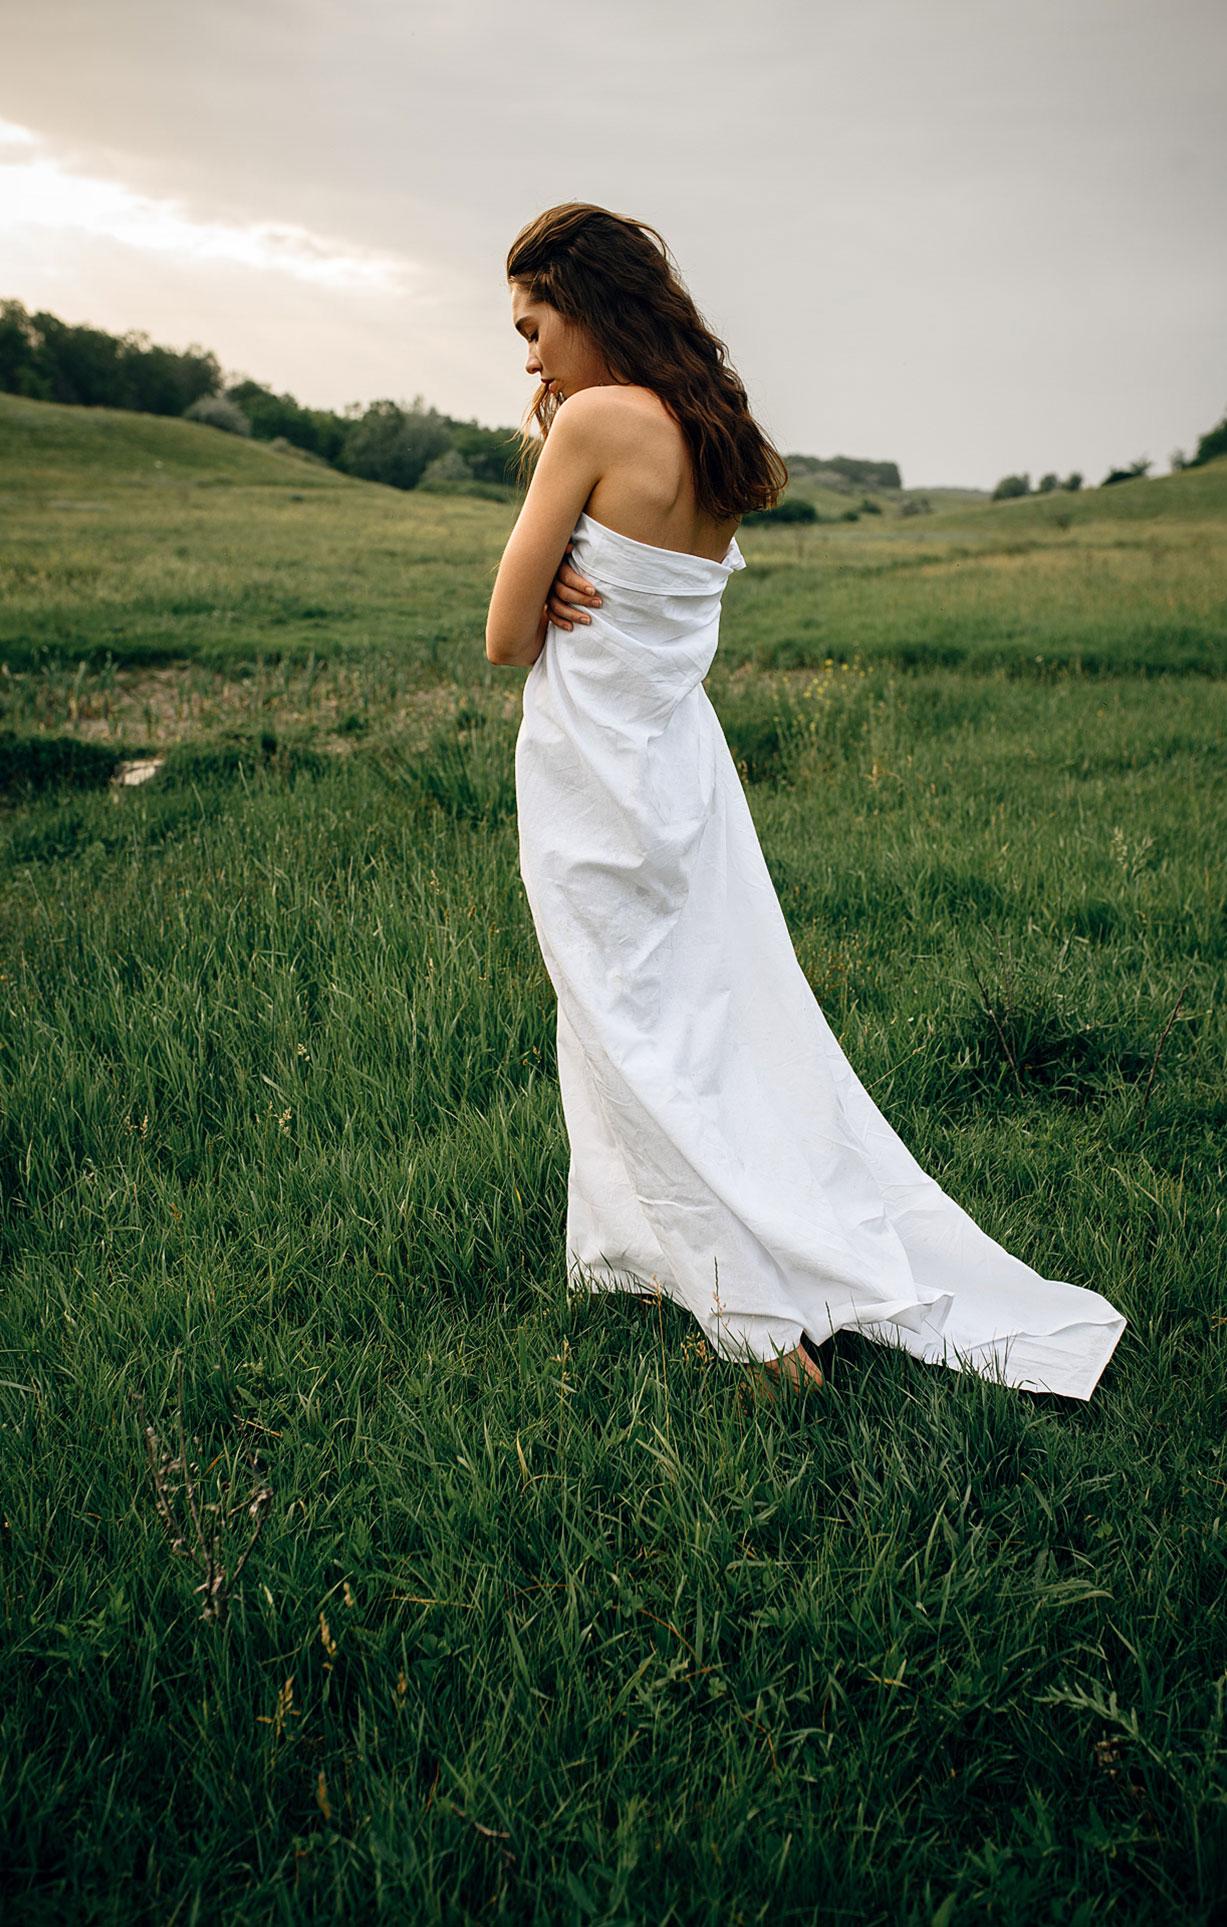 Прогулка с красивой девушкой в летнем поле / фото 13